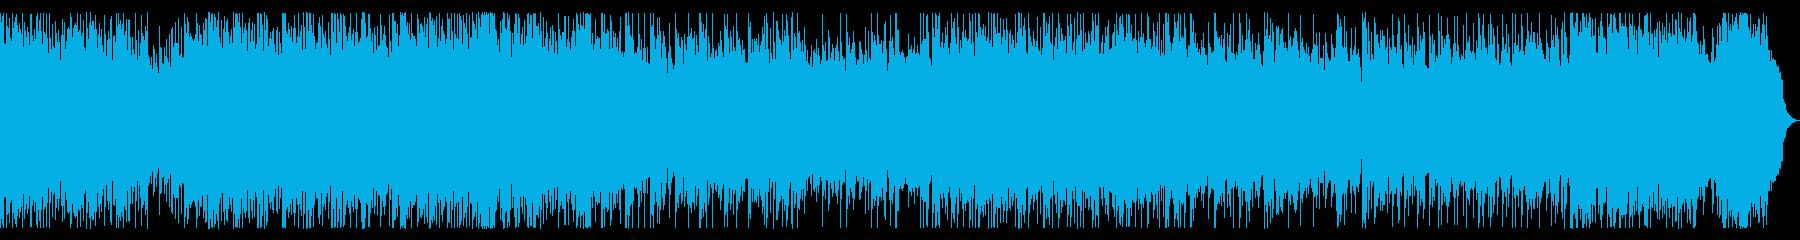 リフ、バッキング主体のメタル 戦闘曲の再生済みの波形